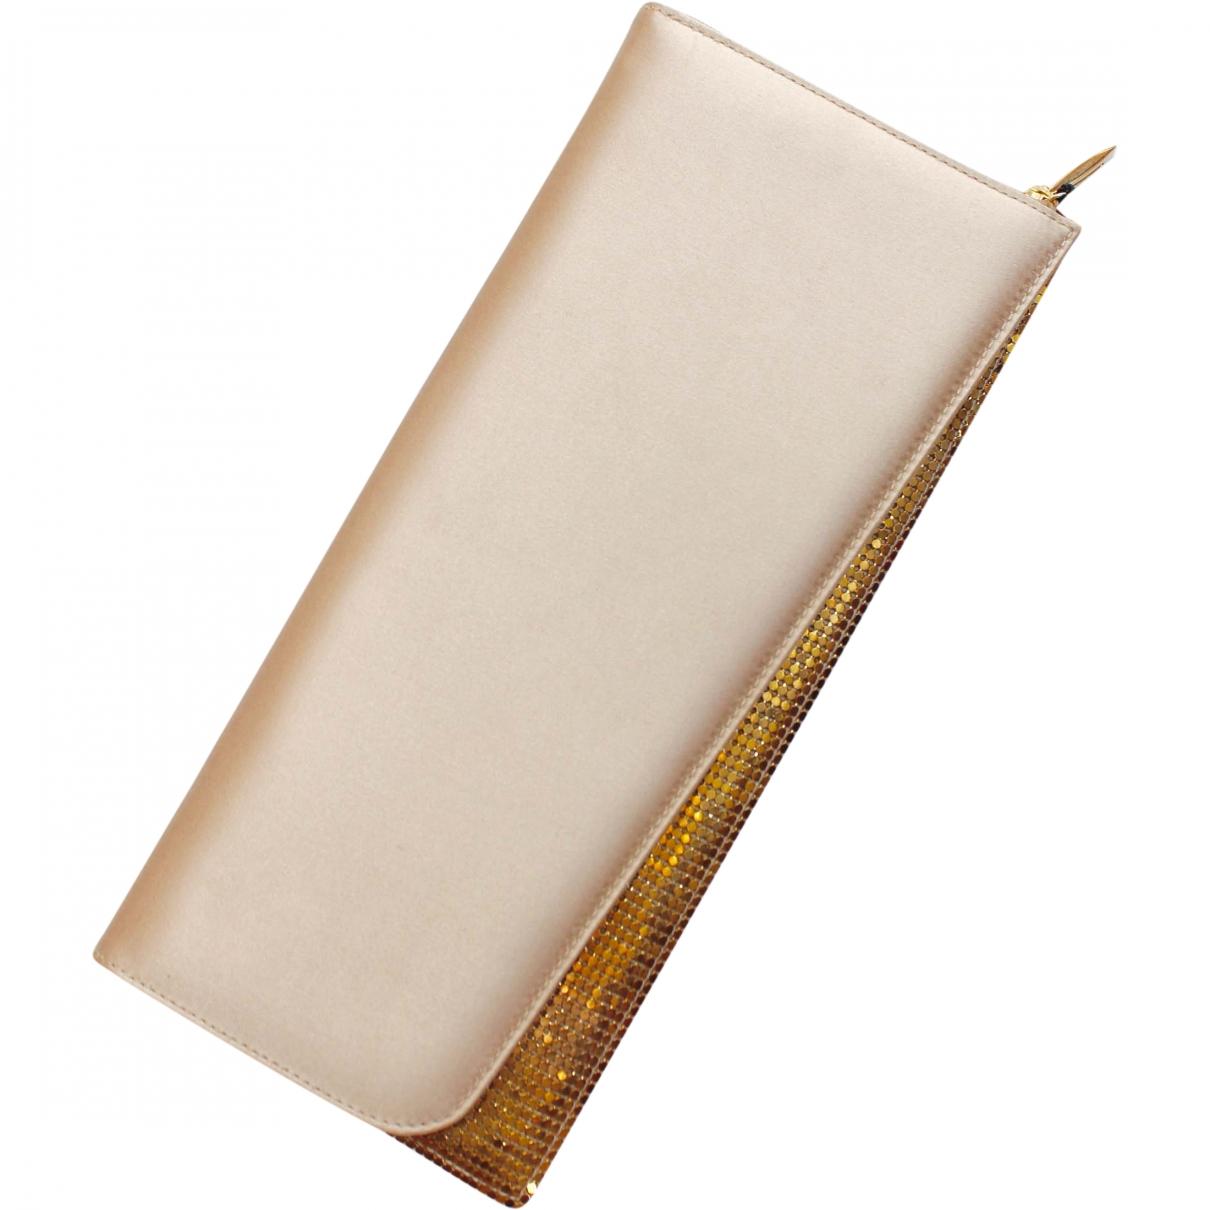 Paco Rabanne \N Metal Clutch bag for Women \N